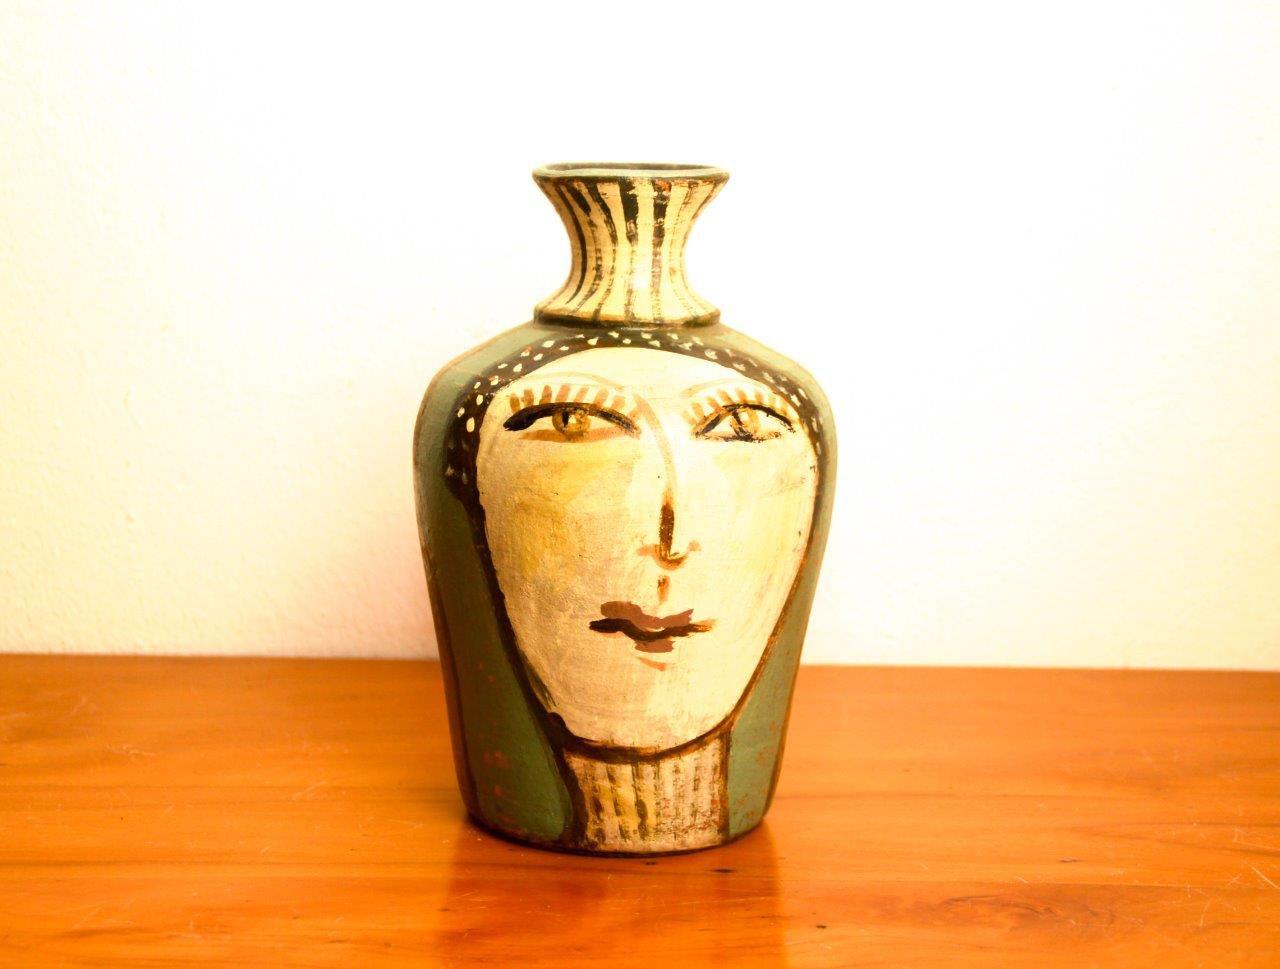 Vaso de flores de cerâmica Decorativo Artesanato frete grátis